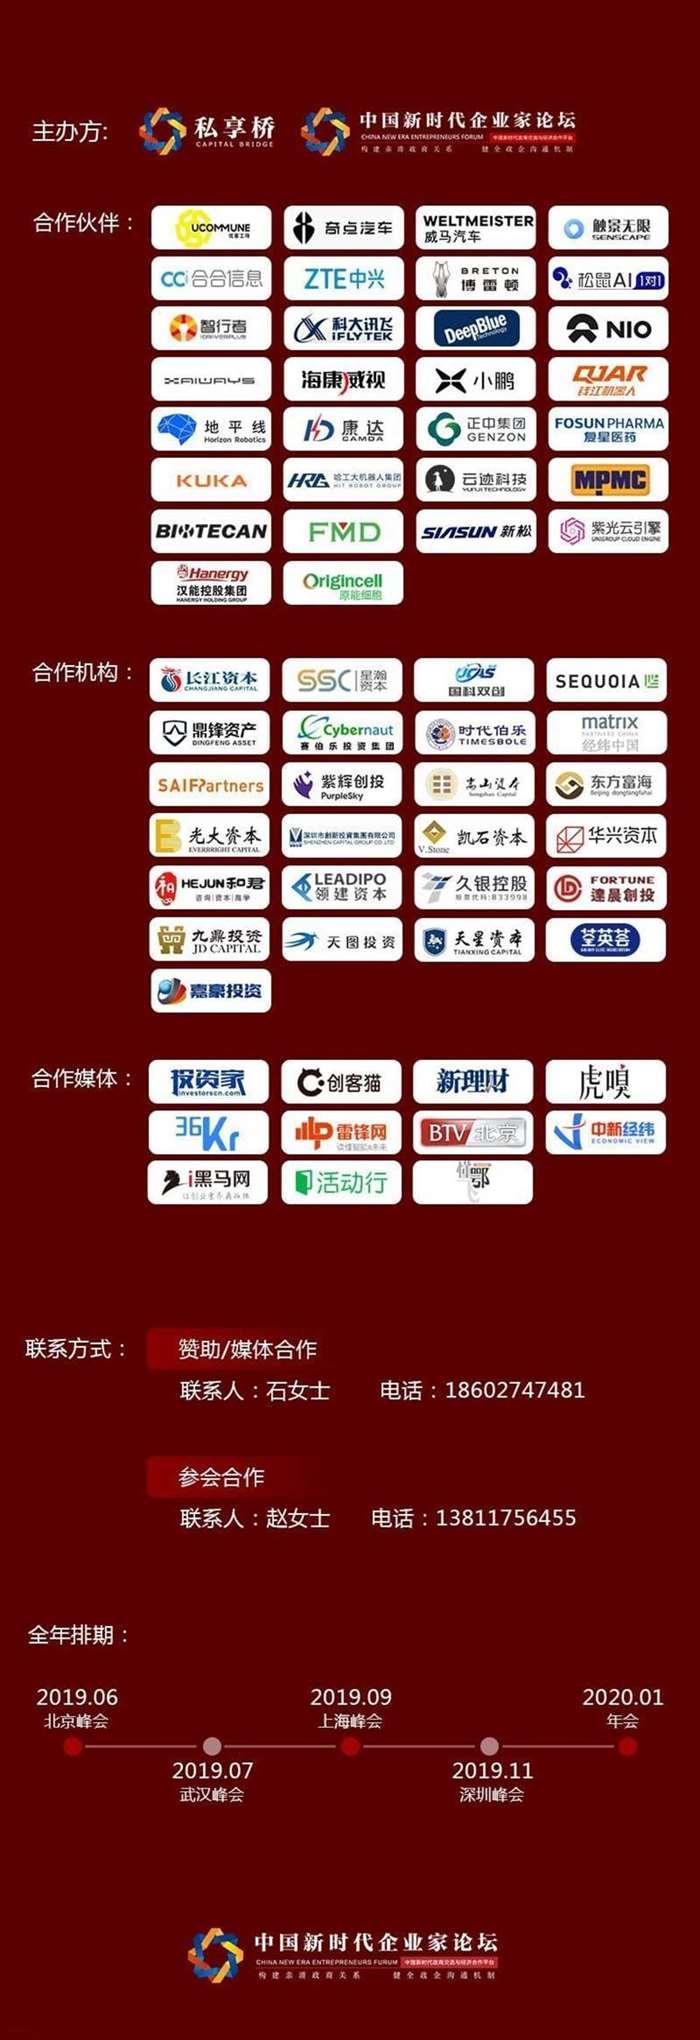 北京峰会长图506_04-min.jpg